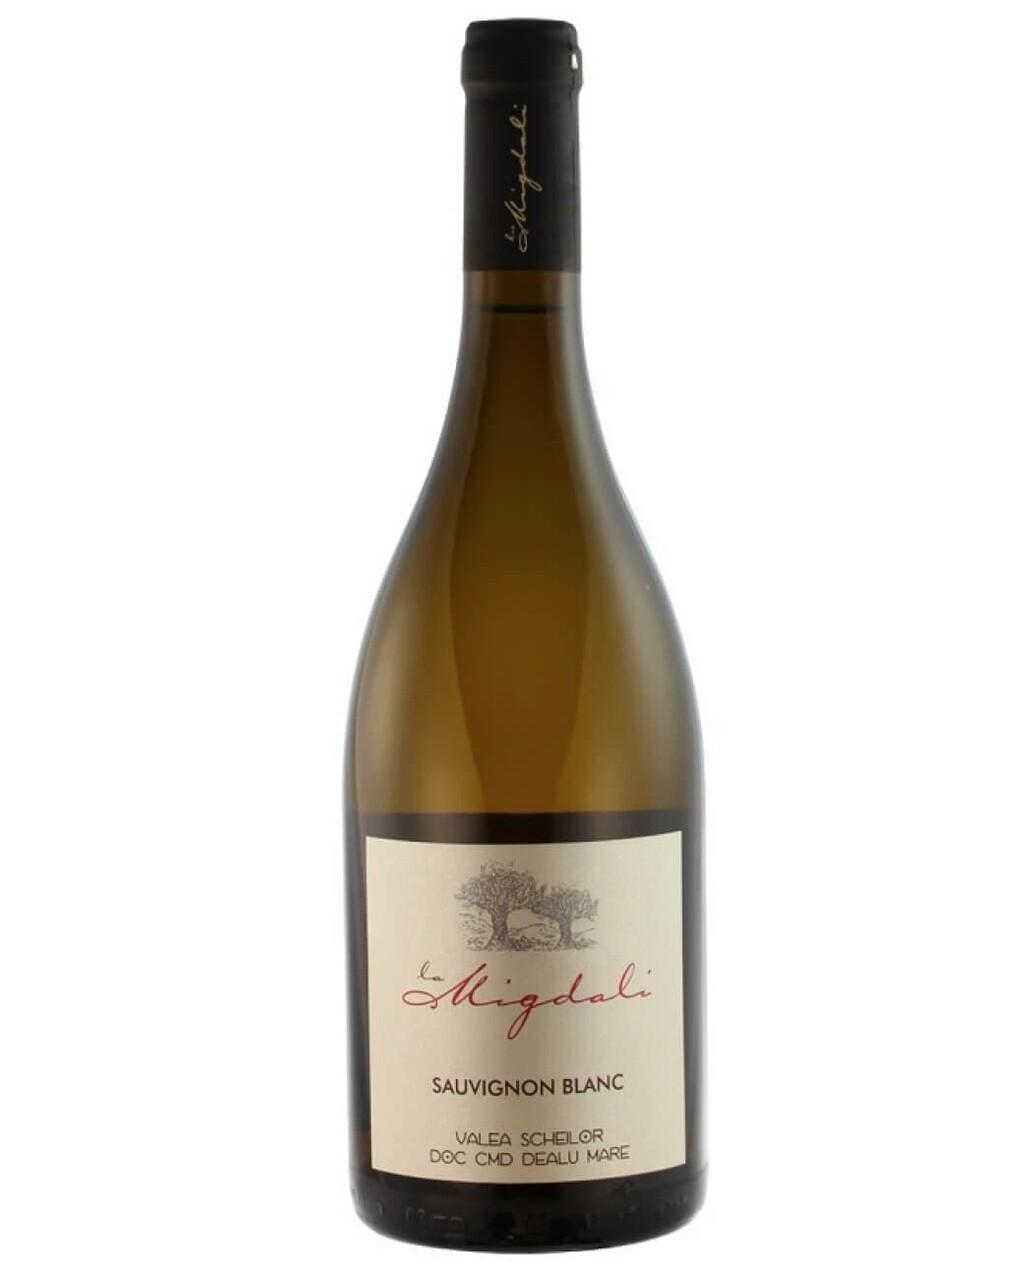 La Migdali Sauvignon Blanc